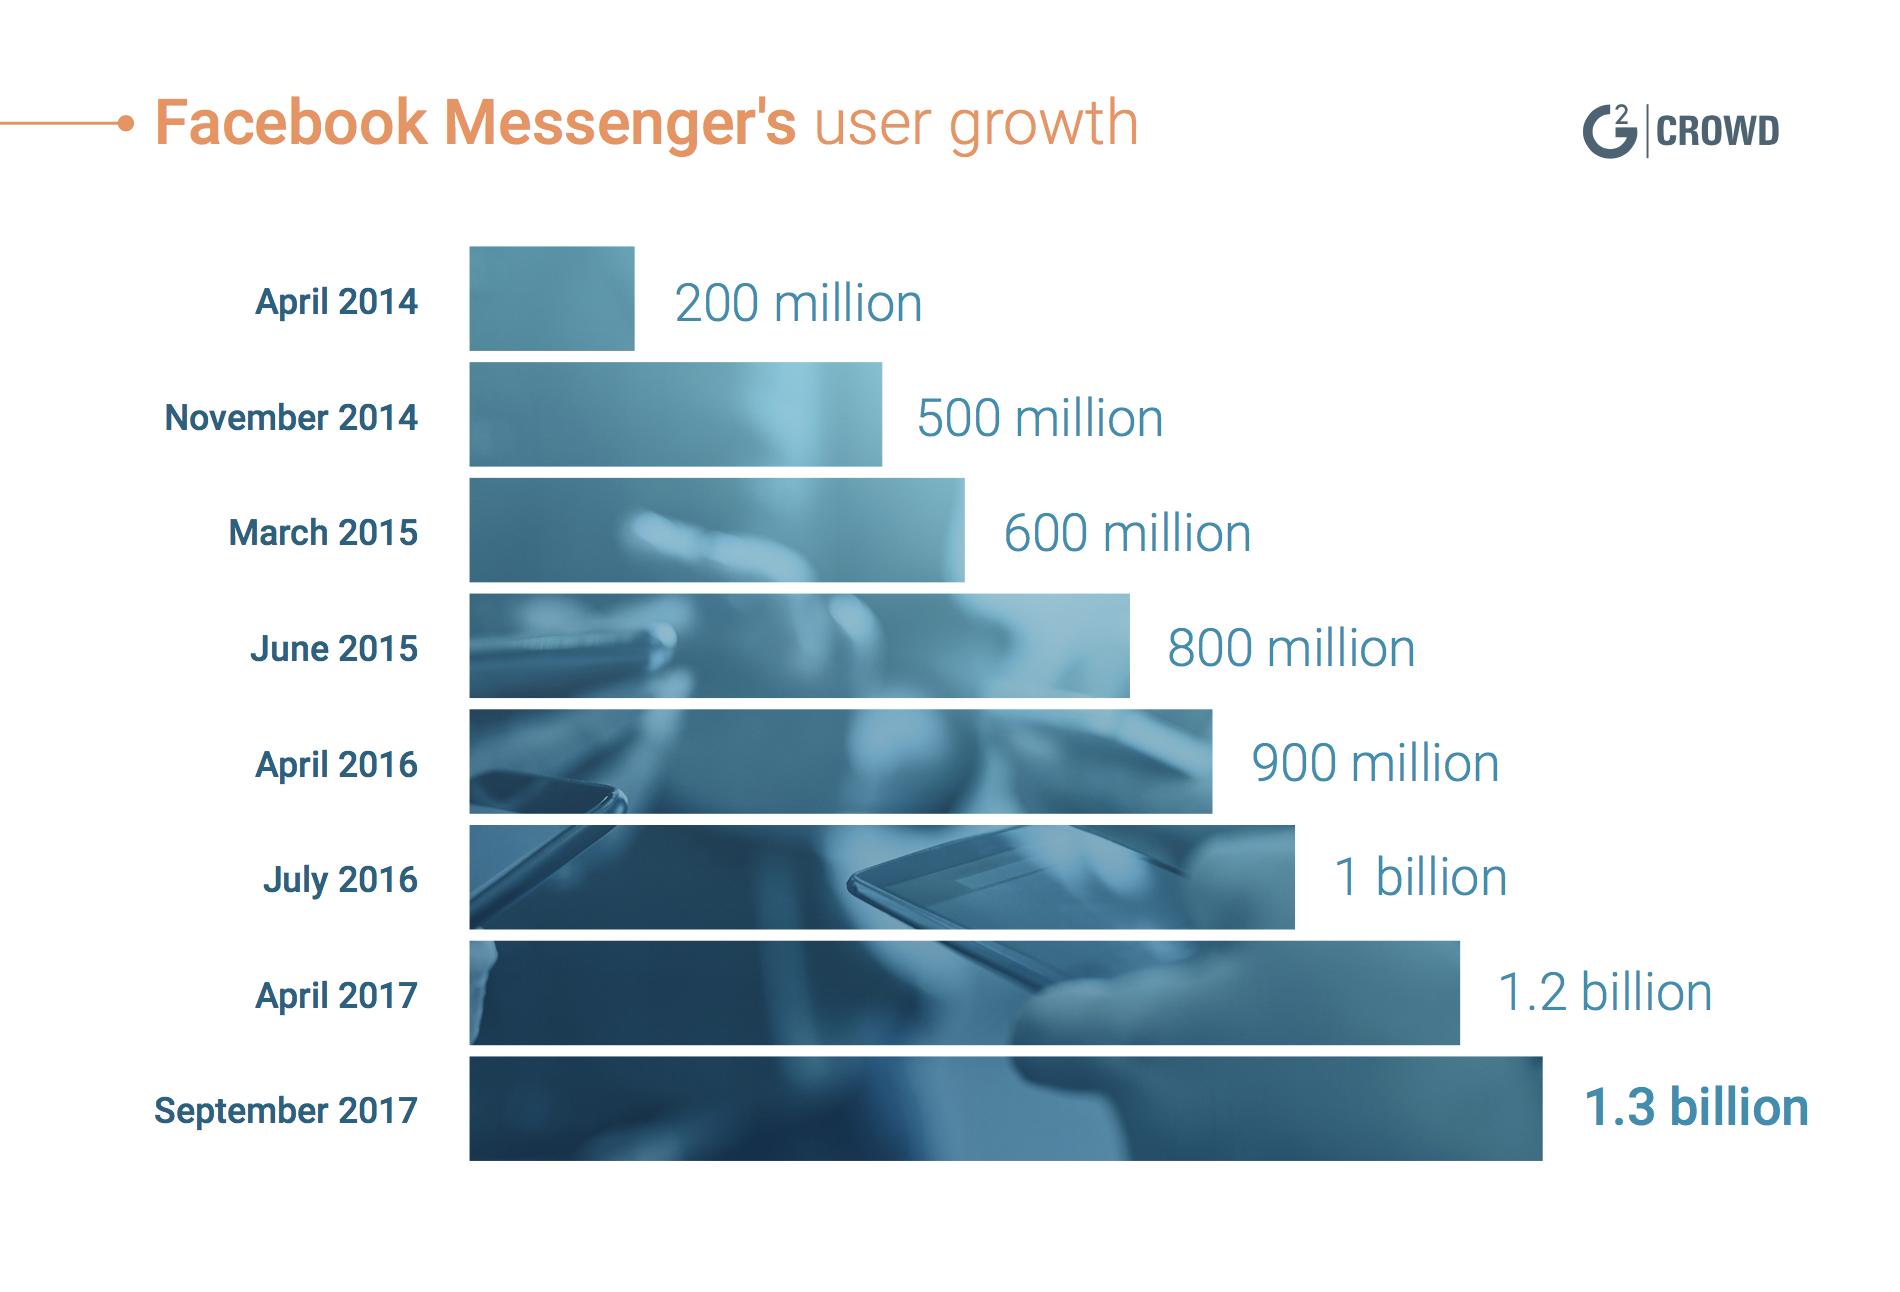 Facebook Messenger User Growth